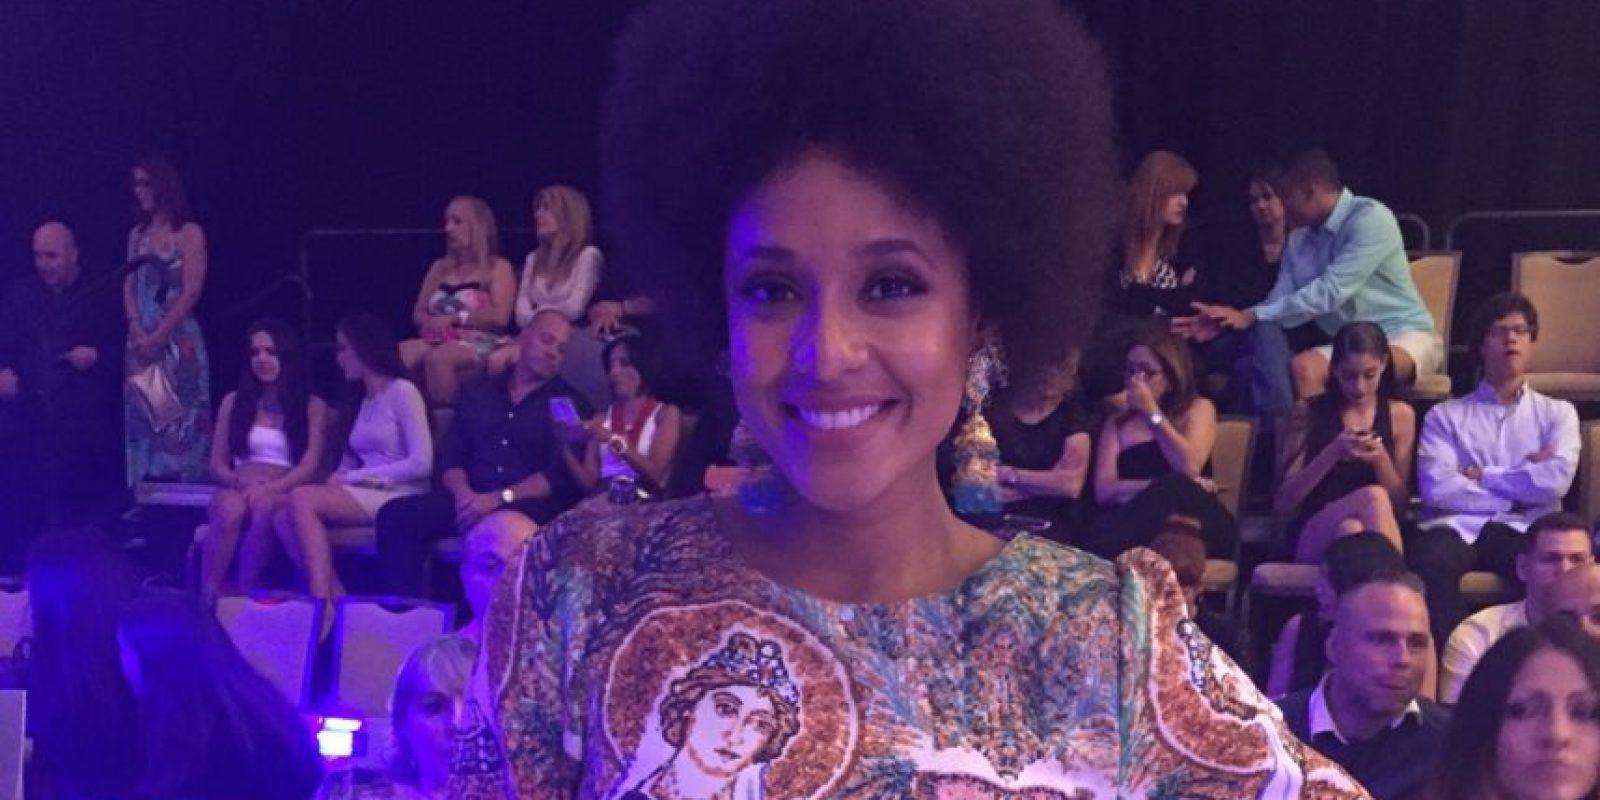 La actriz puertorriqueña, Jeimy Osorio, participó del evento San Juan Moda 2016. Foto:Metro. Imagen Por: